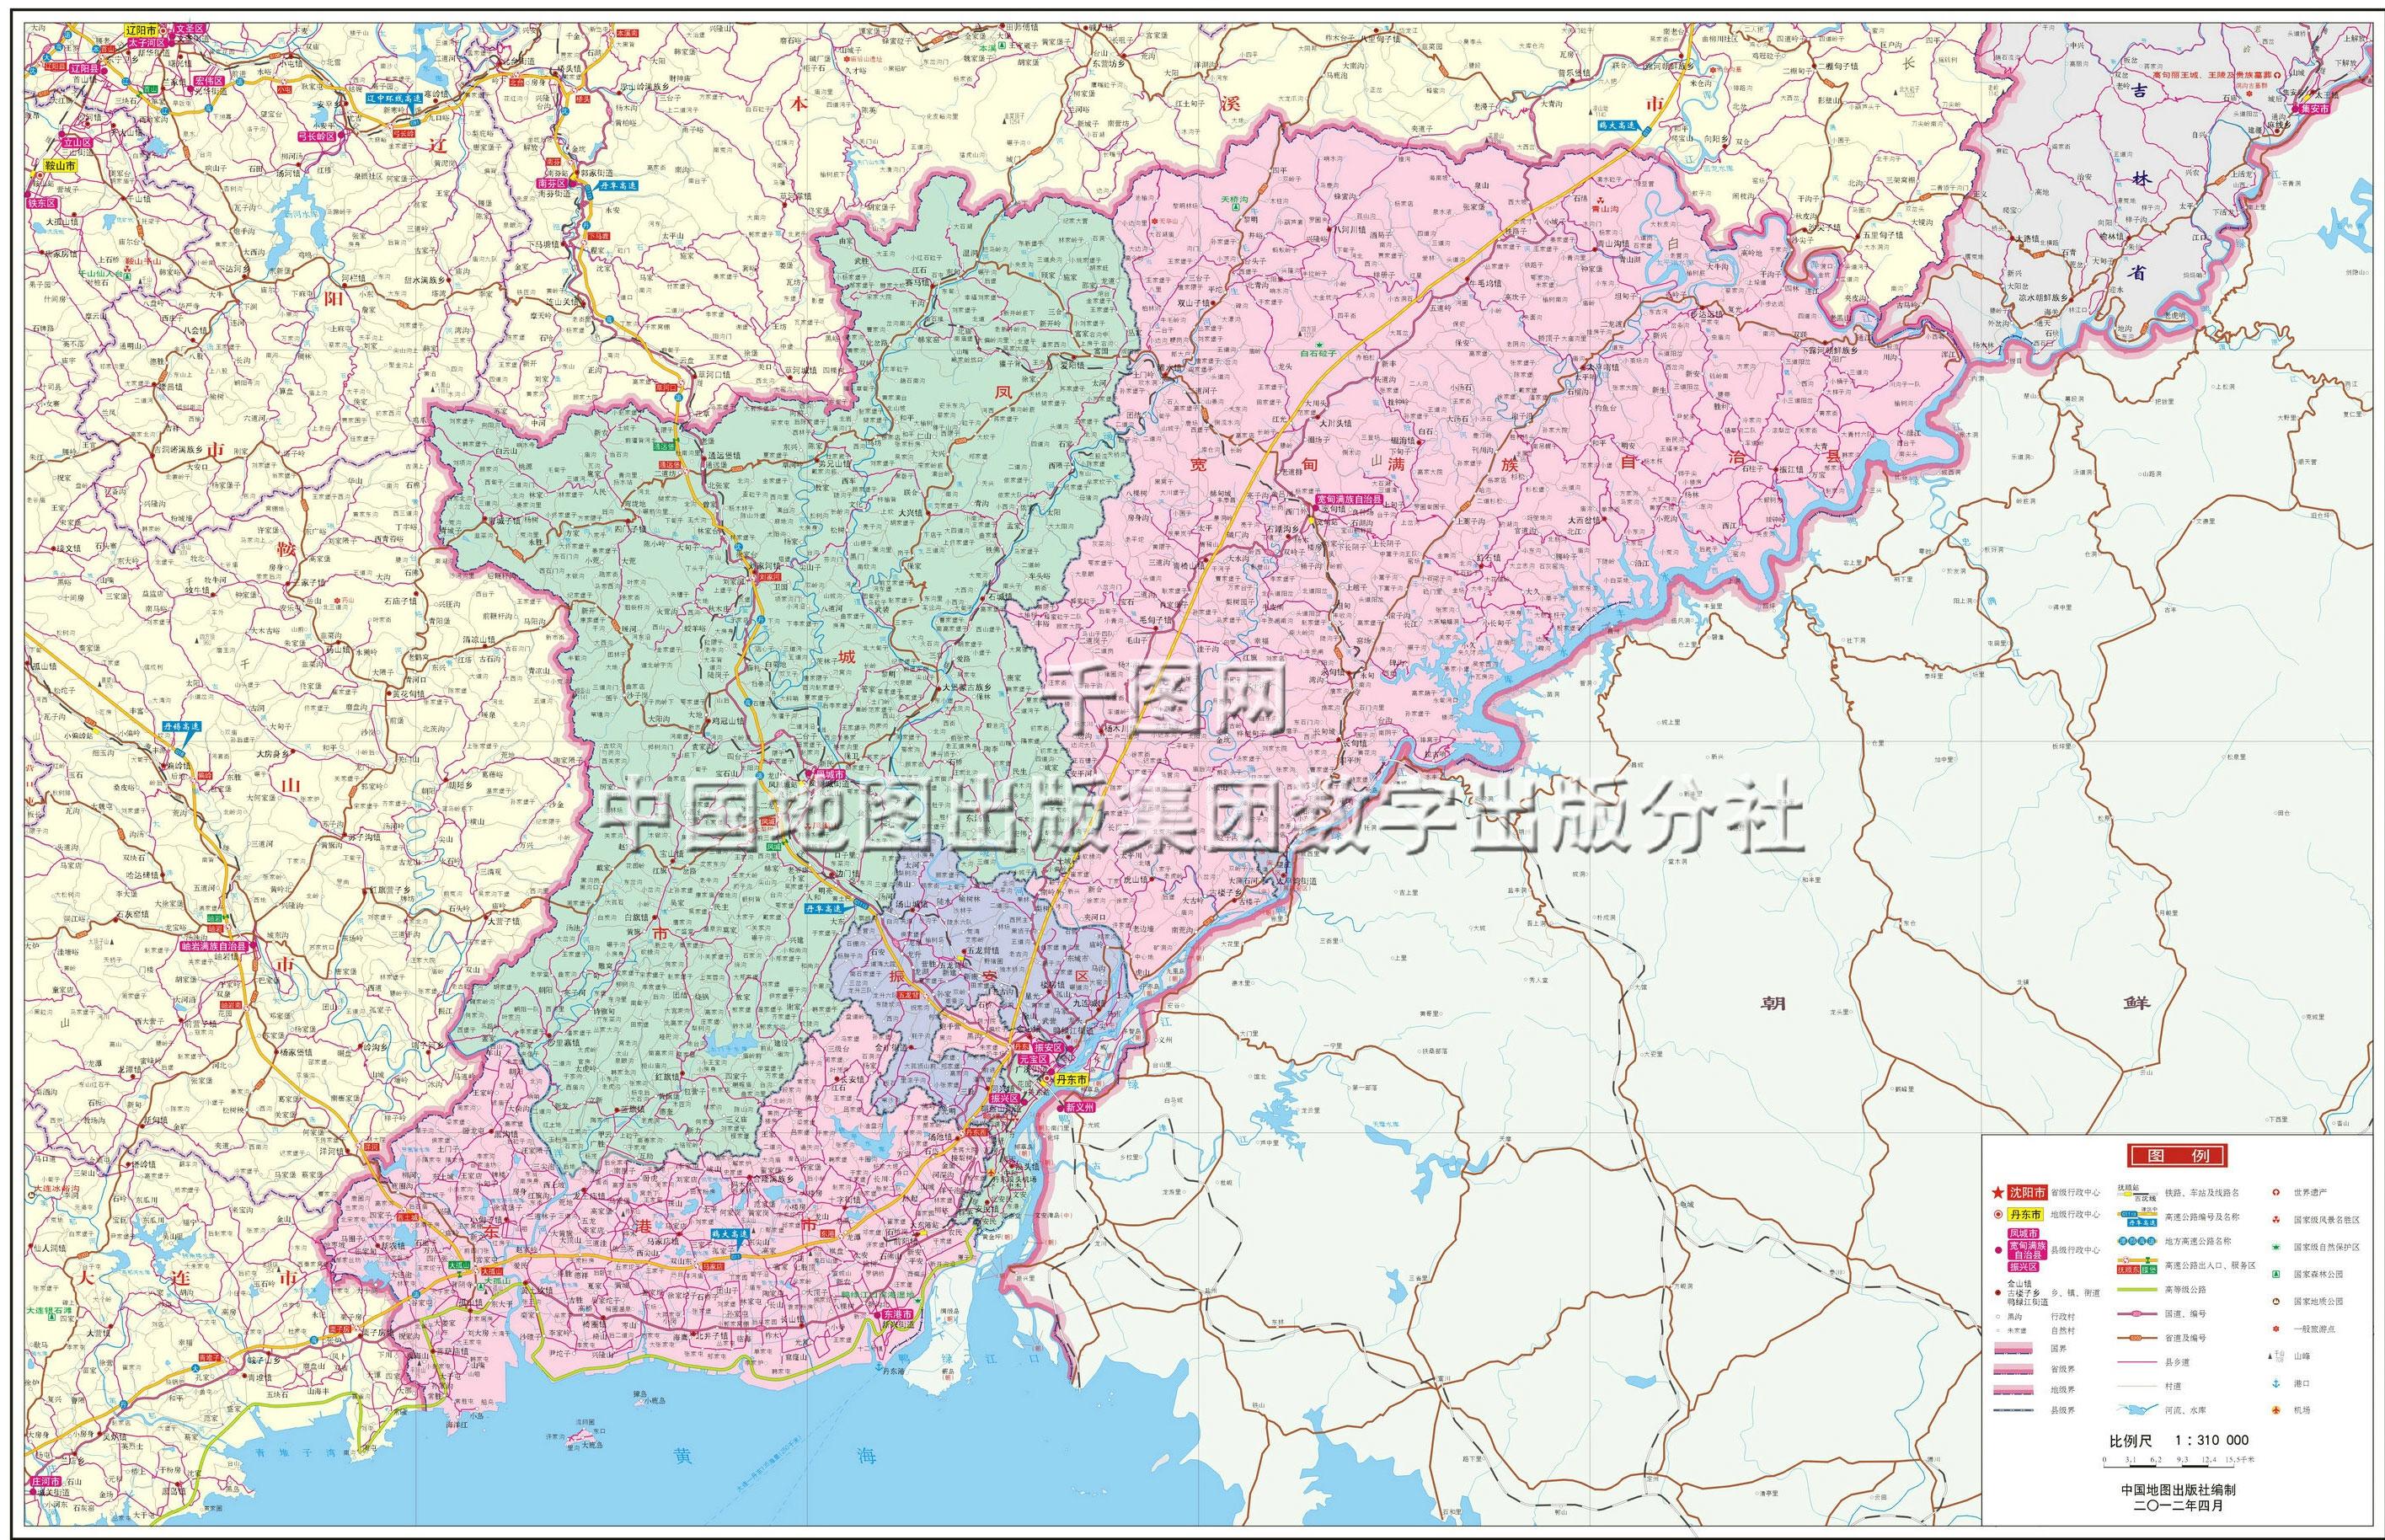 丹东市地图高清版